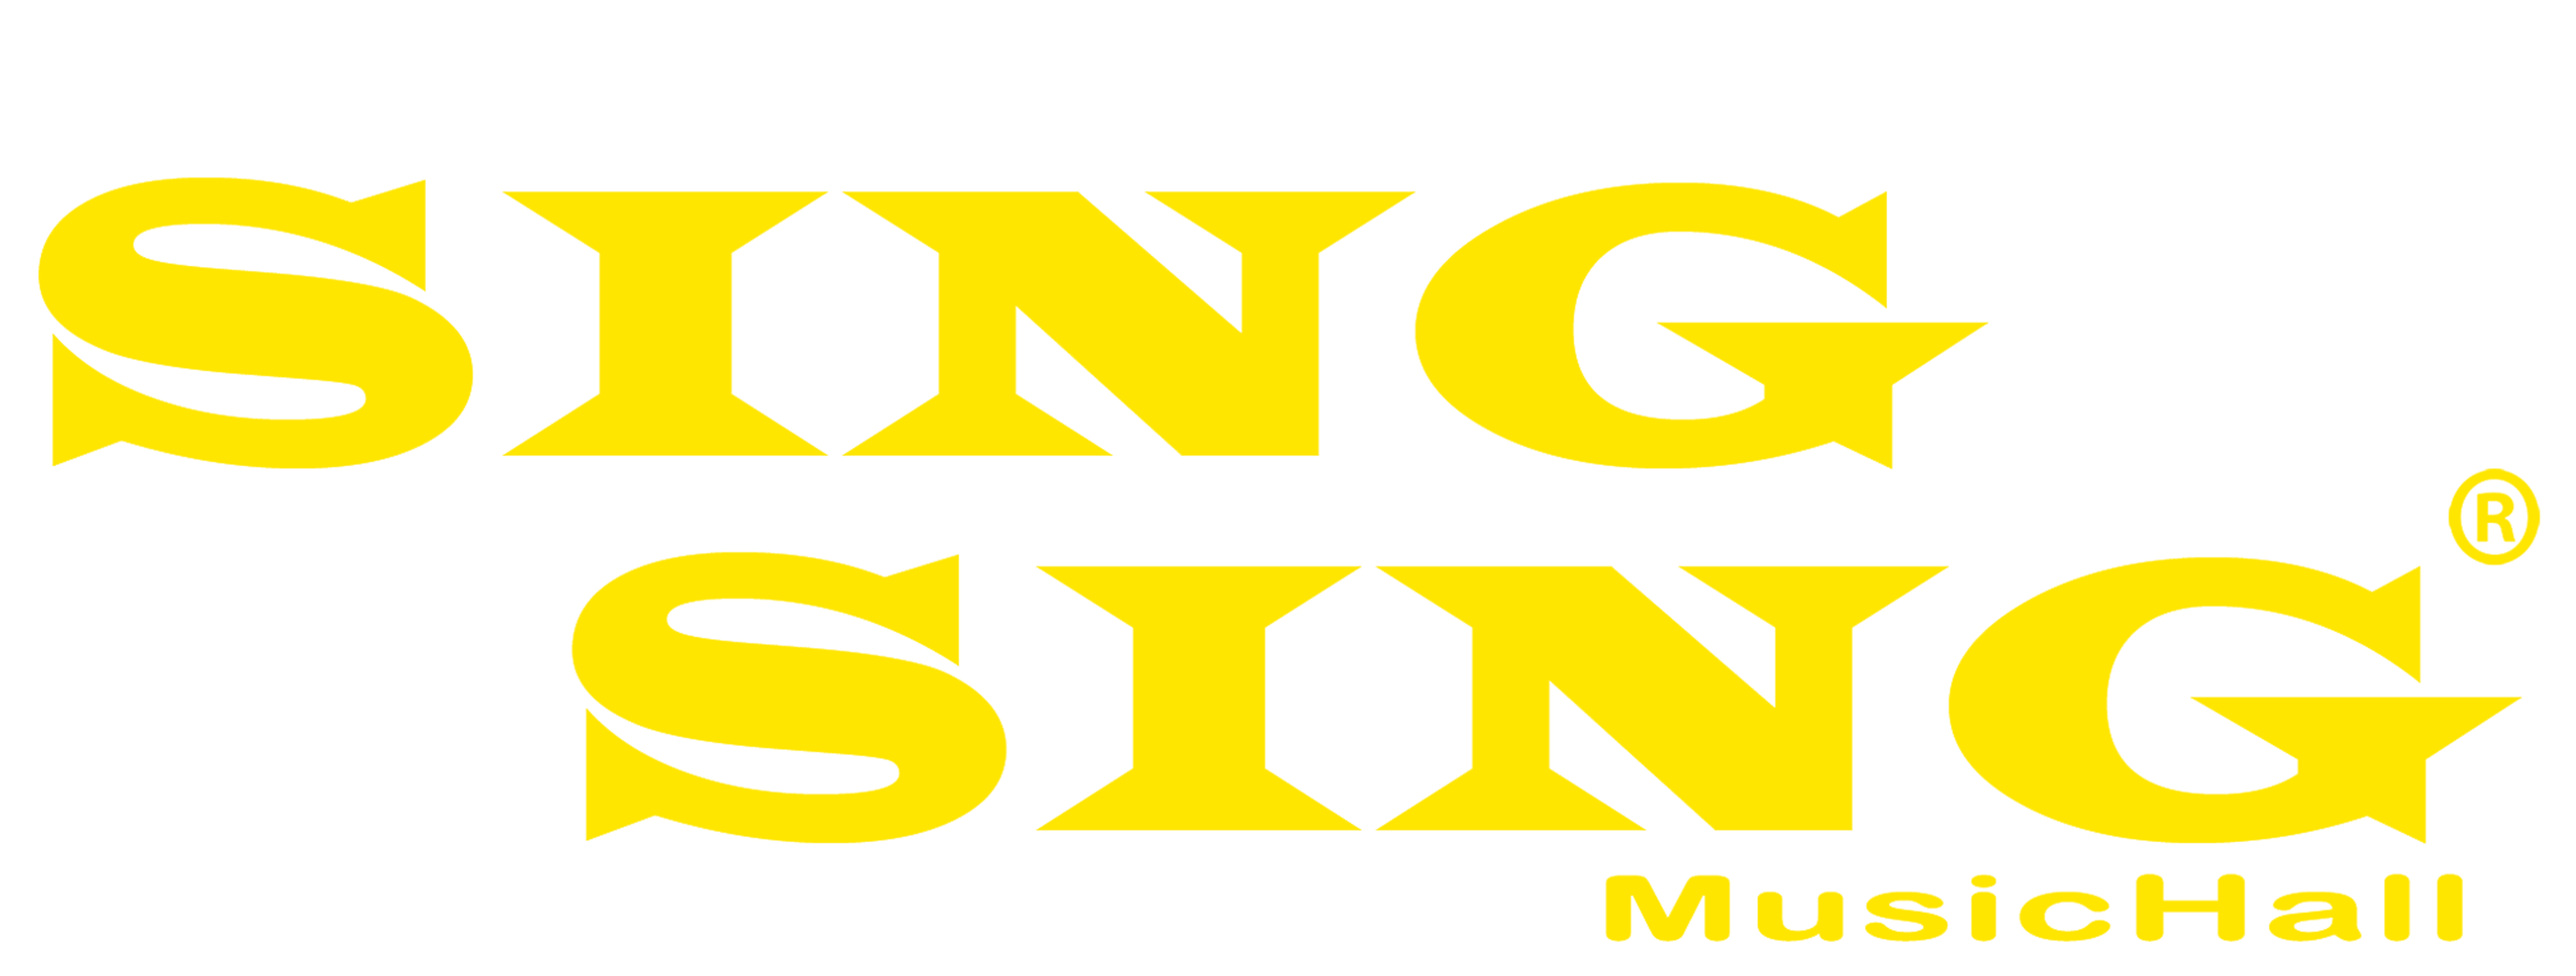 Sing Sing Music Hall